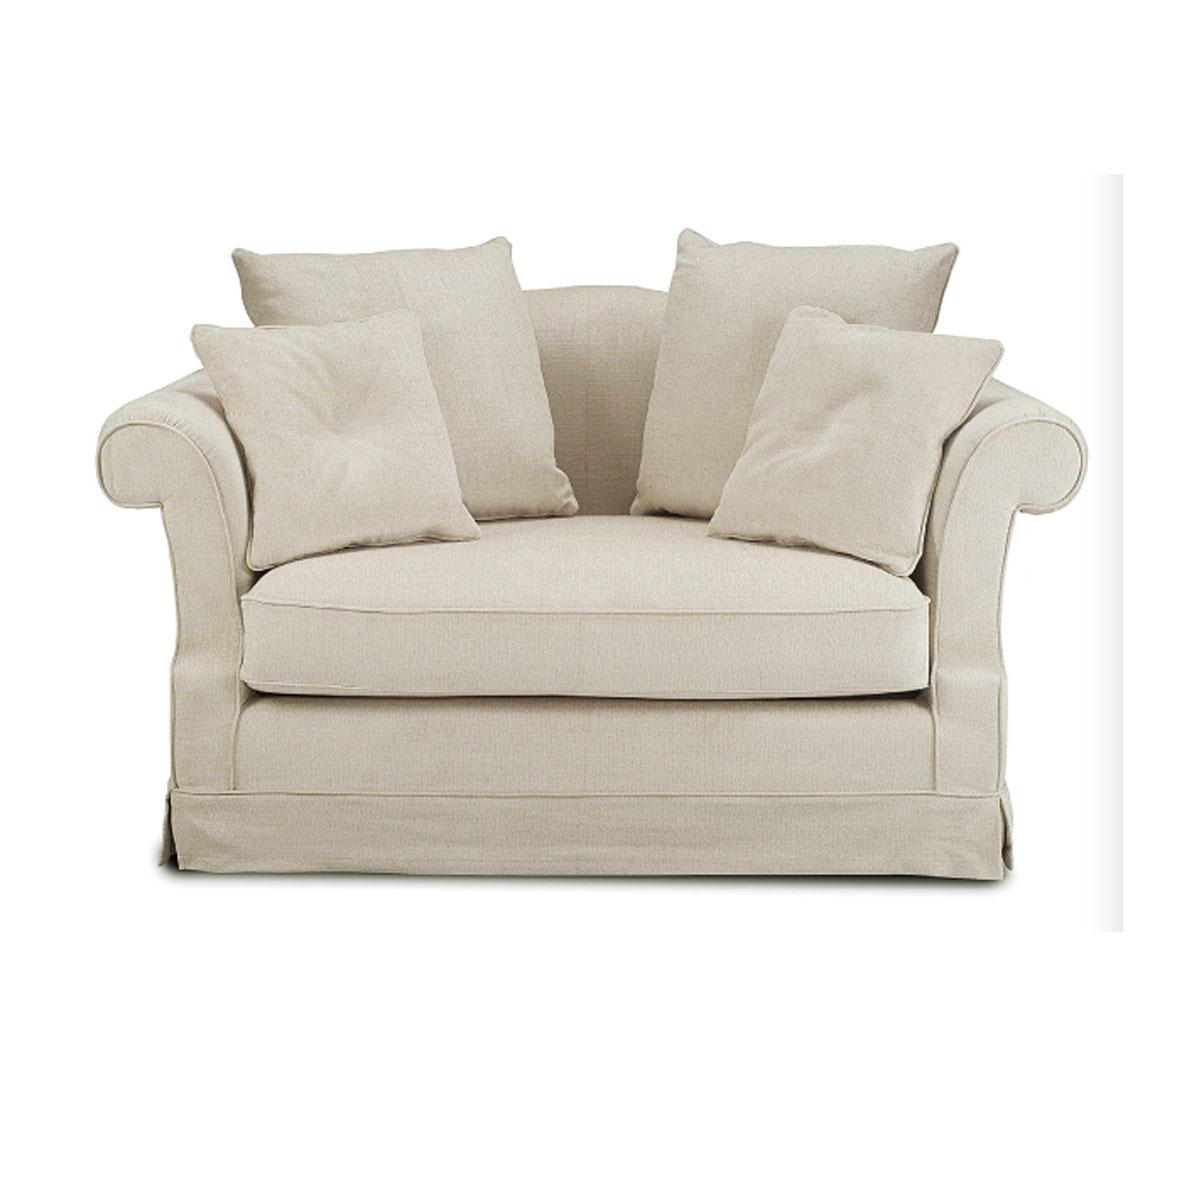 7a5e5446e71 Voici la sélection de canapé lit plusieurs places pour vous     . Petit  canapé confortable